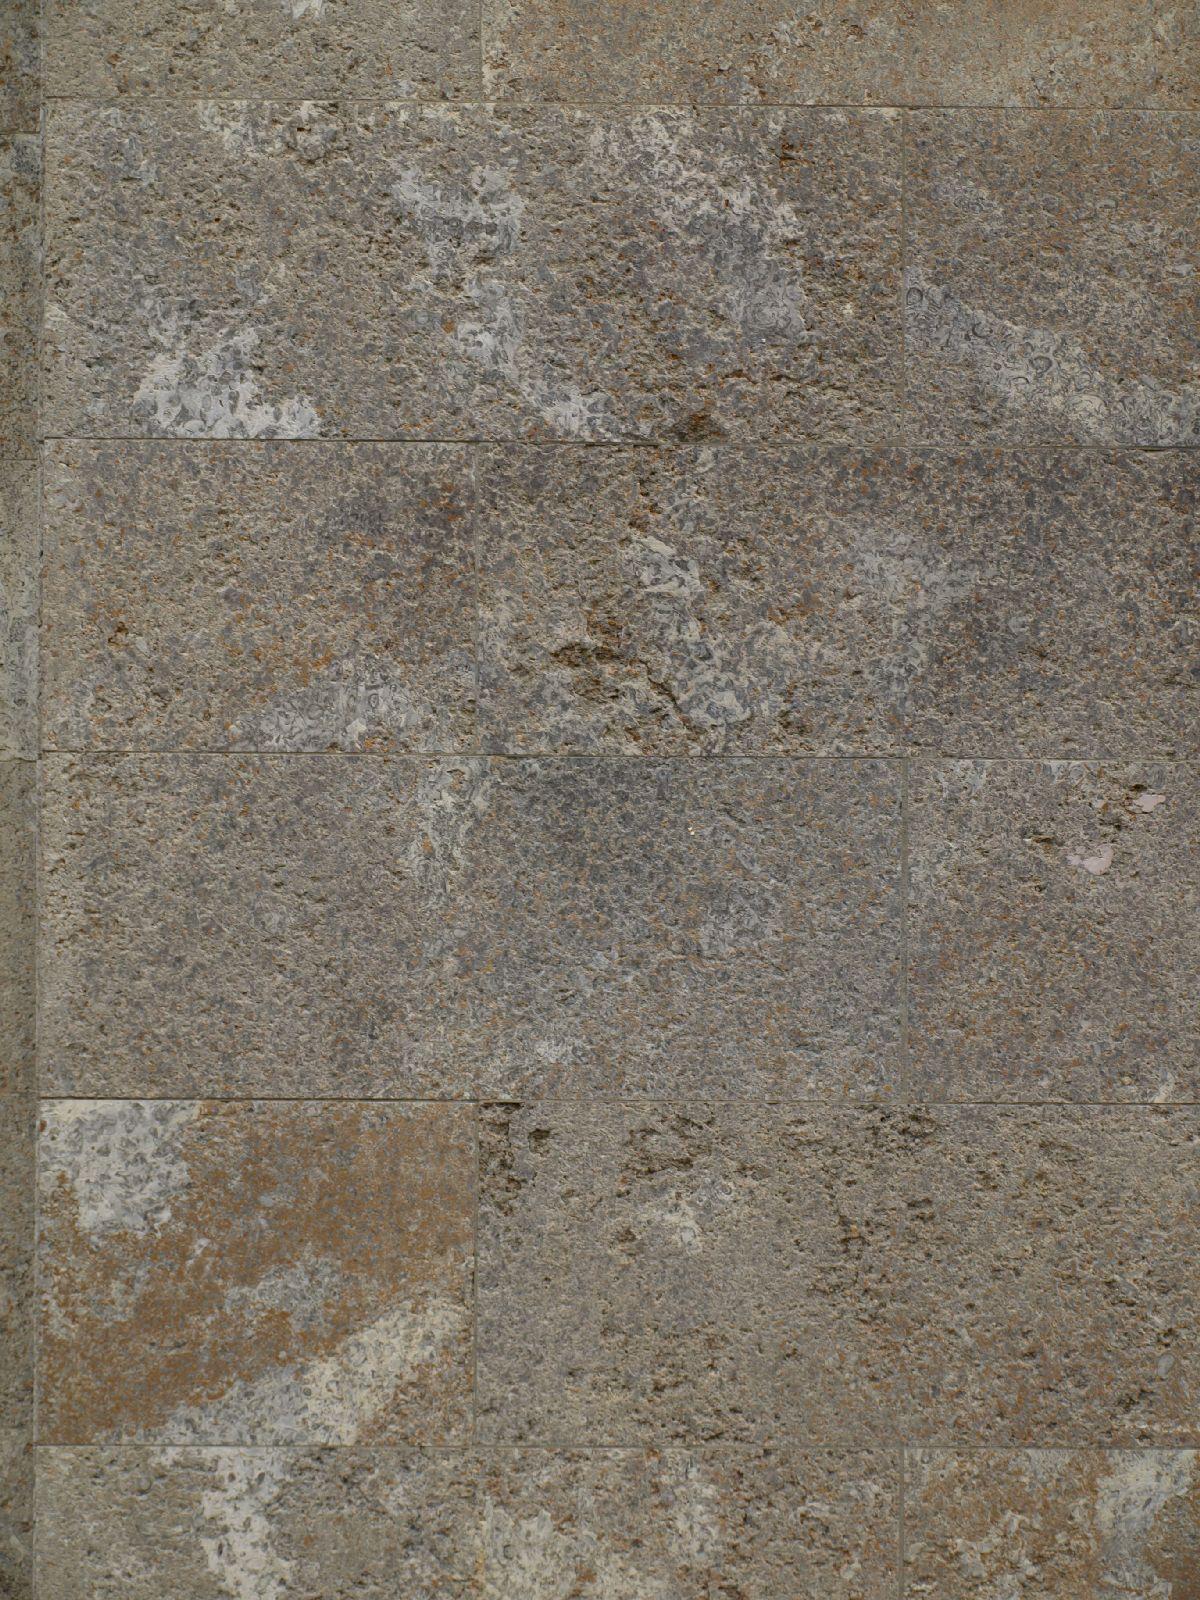 Wand-Steinbloecke-Quader_Textur_A_P4090267